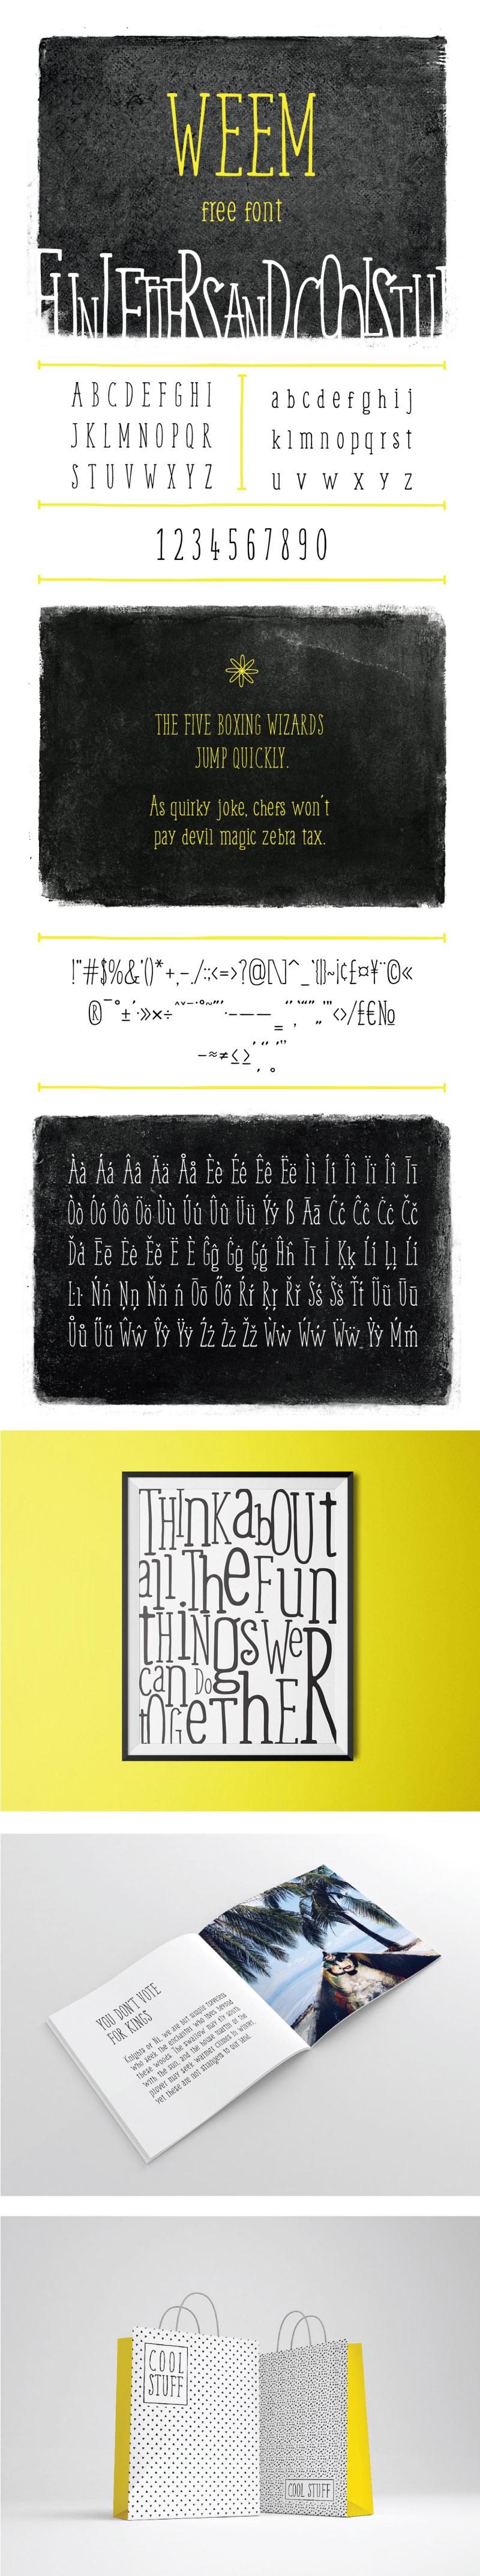 Weem Font - WILDTYPE